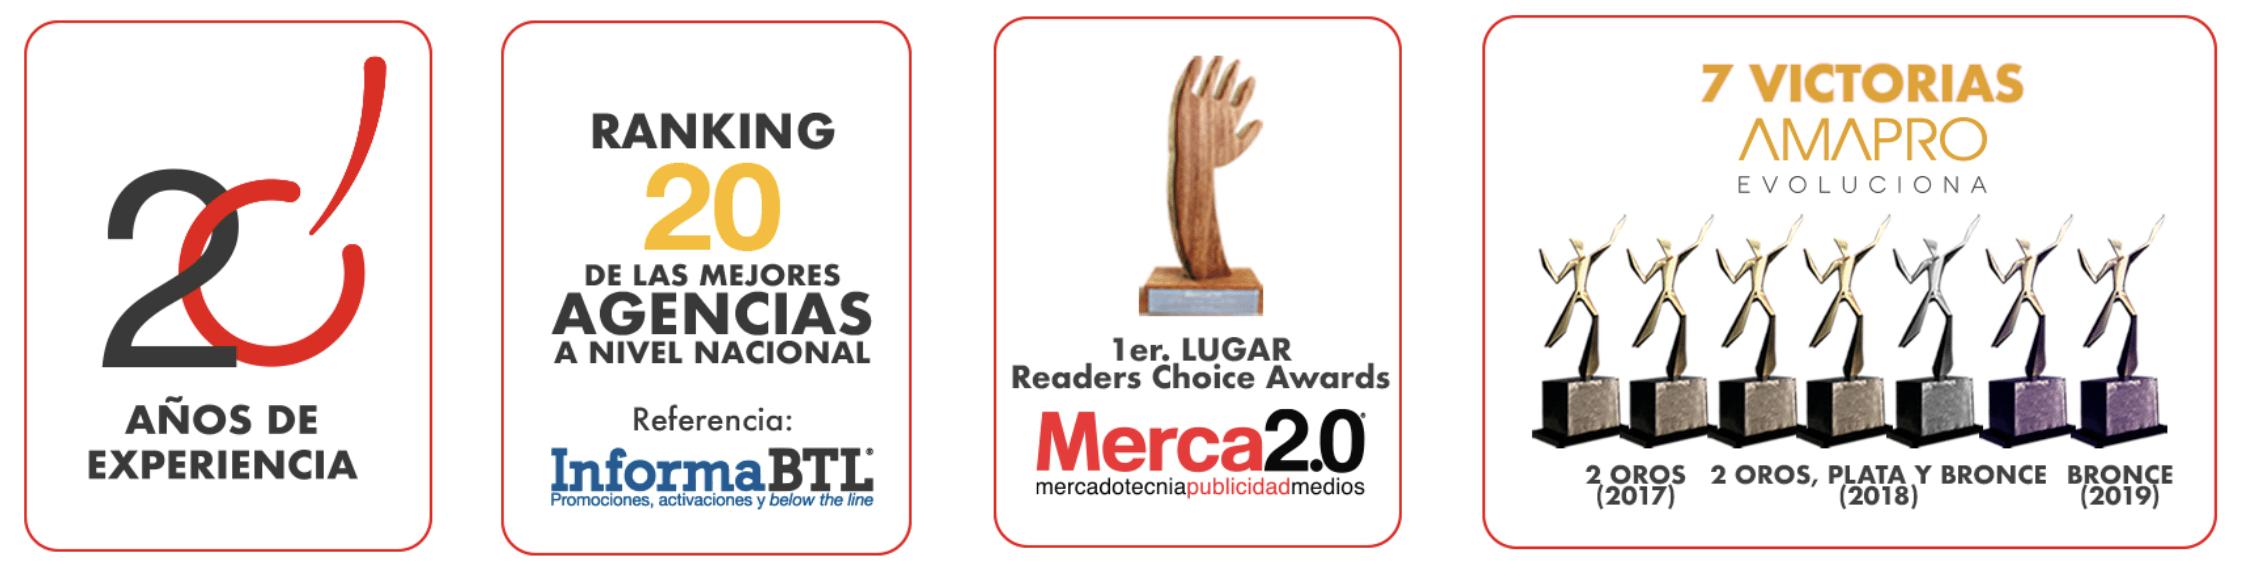 agencia de marketing premios